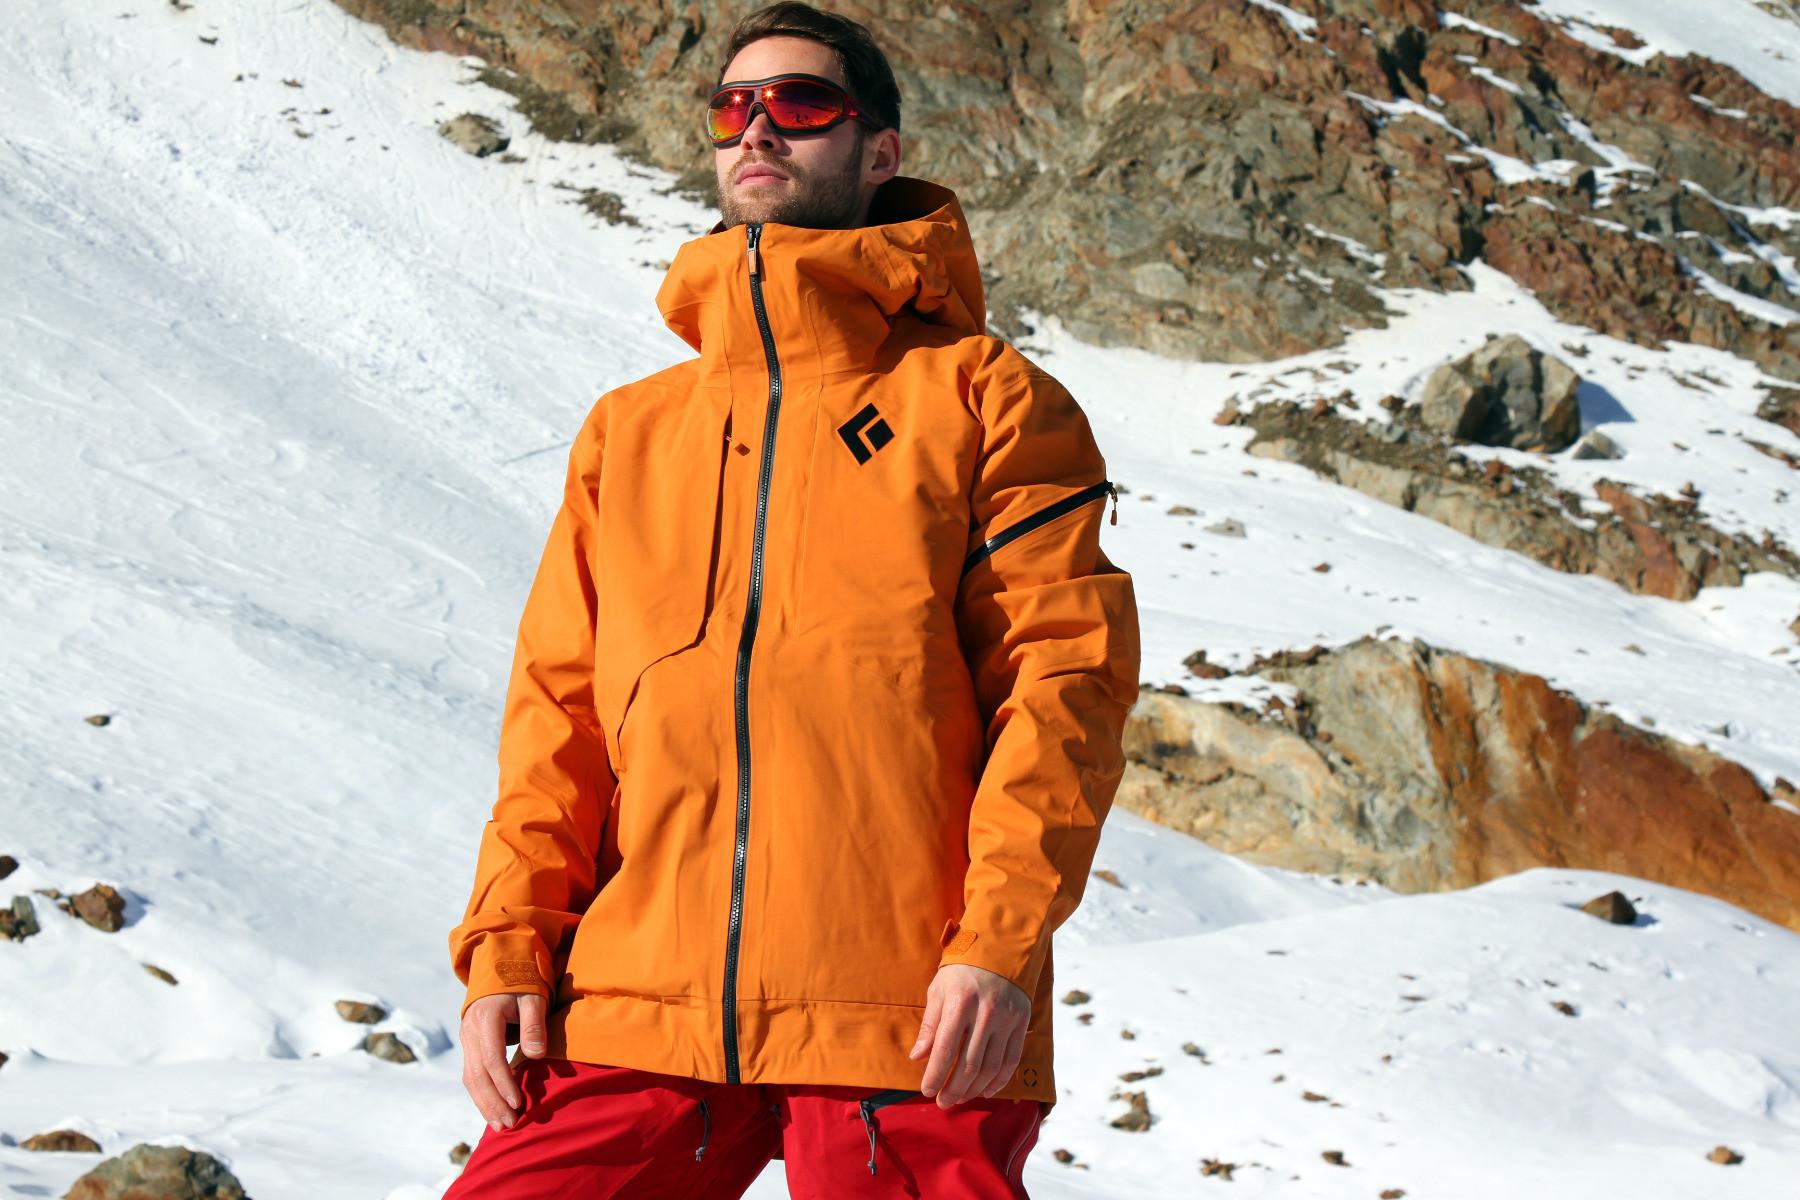 Zehn aktuelle Skijacken im Test: Gut geschützt durch den Winter